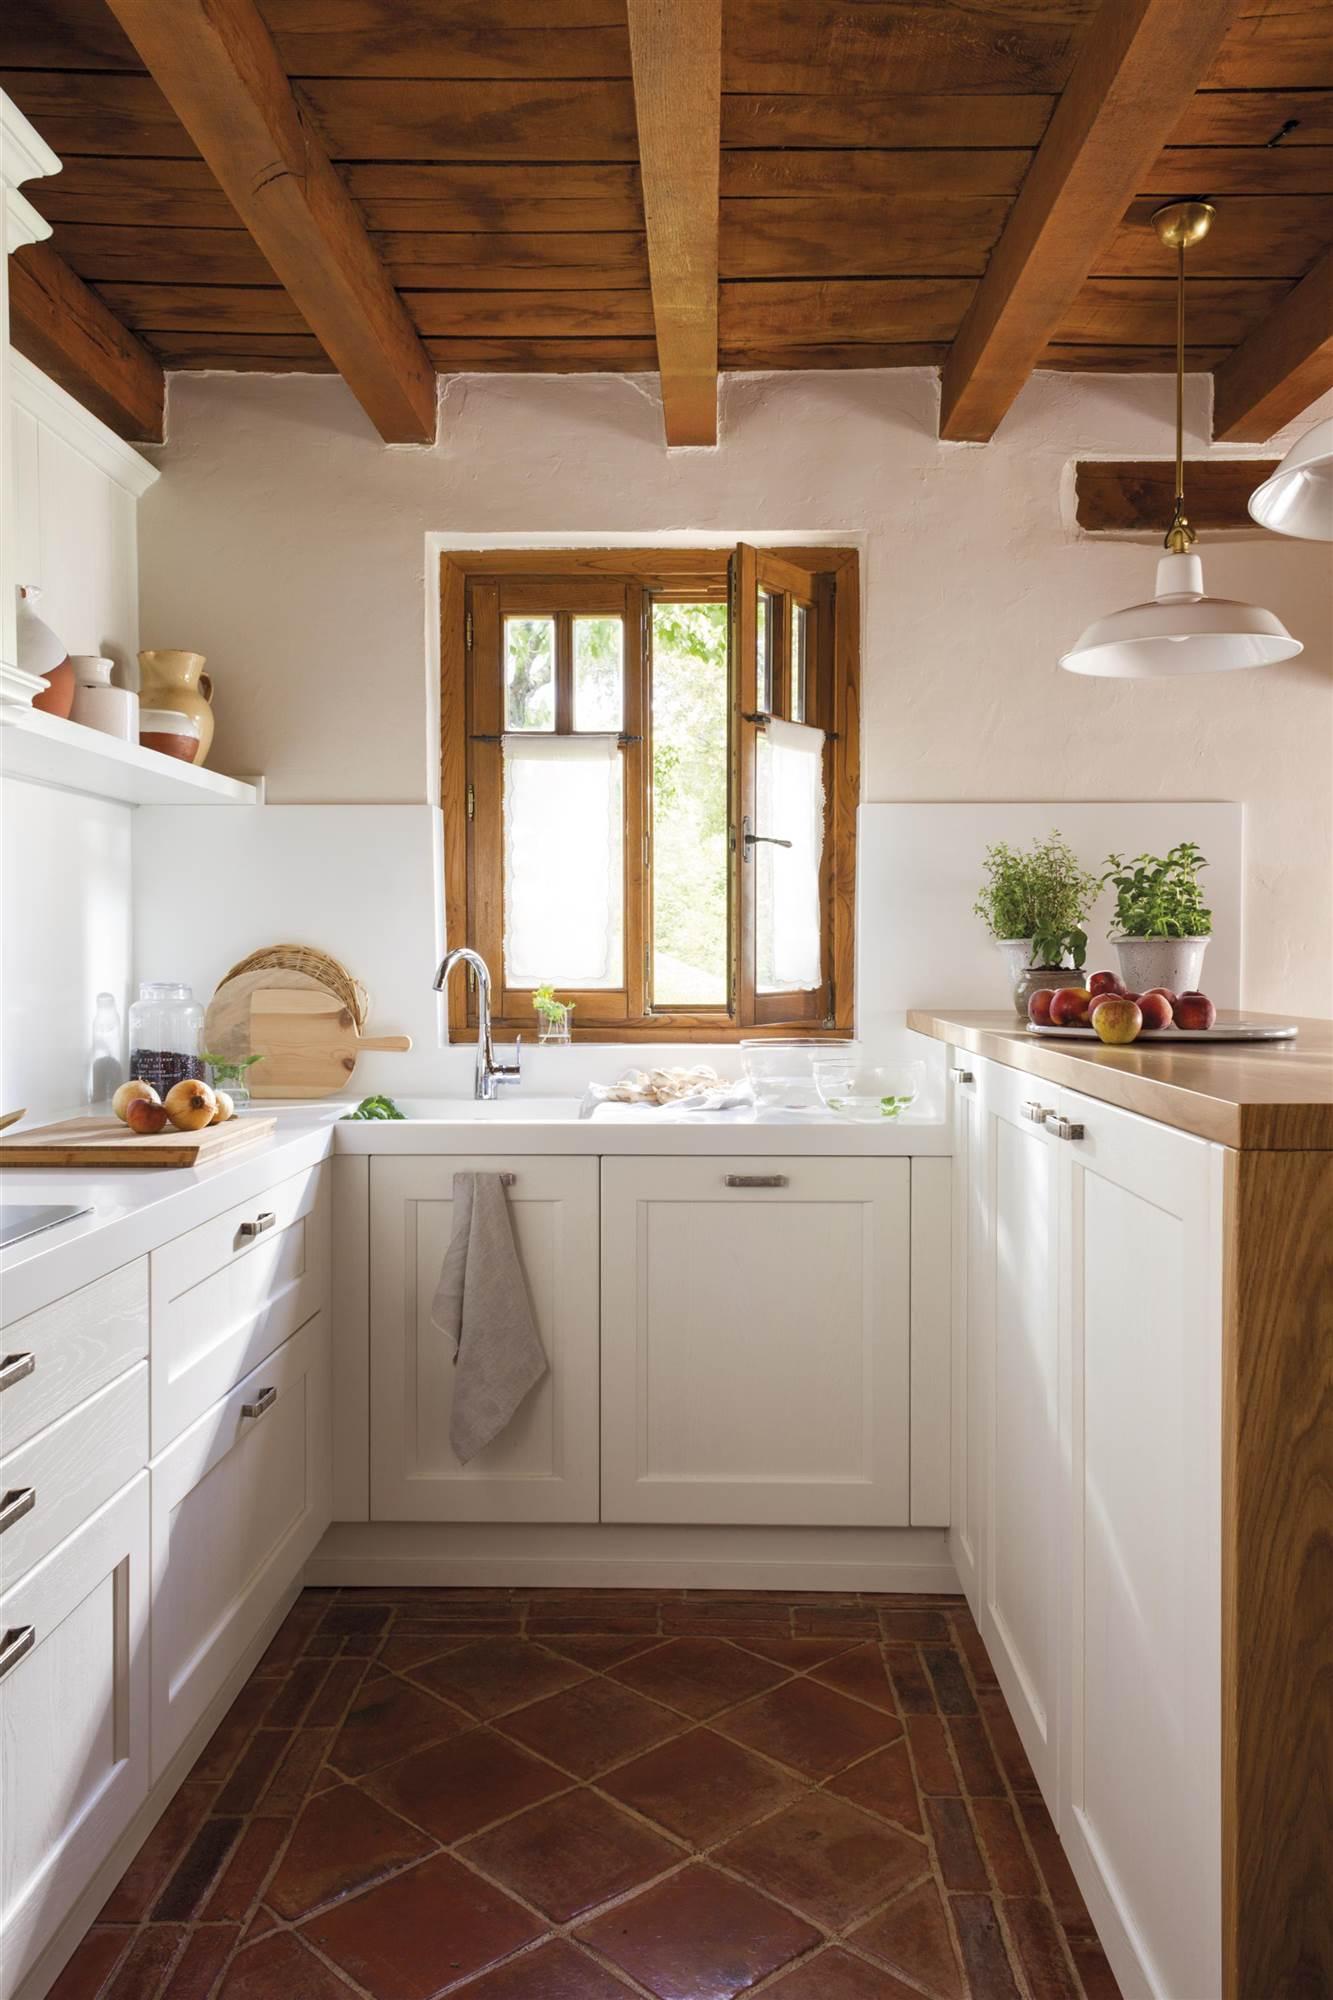 907 fotos de muebles de cocina - Modelos de cocinas pequenas ...